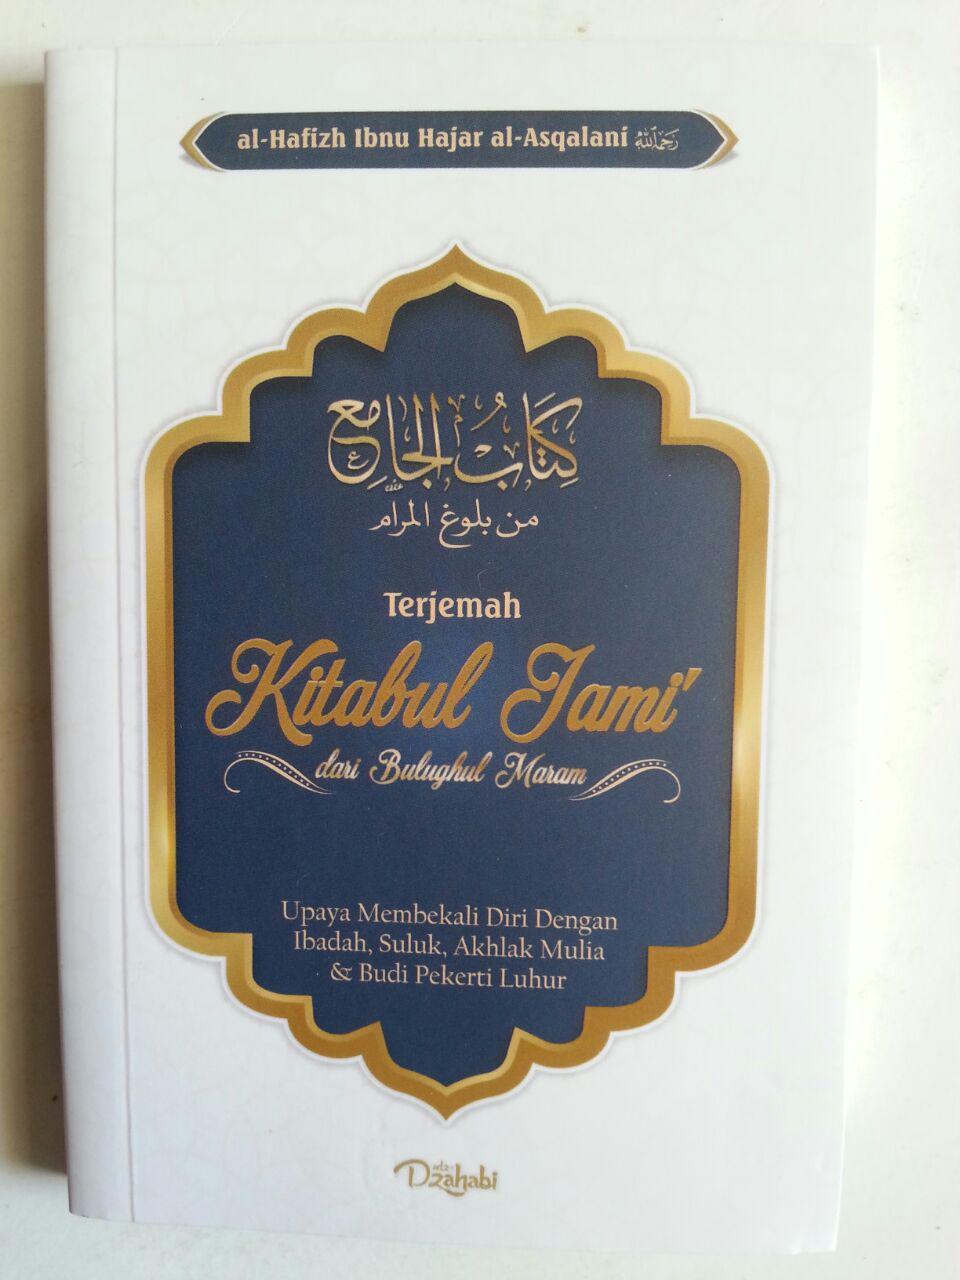 Buku Saku Terjemah Kitabul Jami Dari Bulughul Maram cover 2